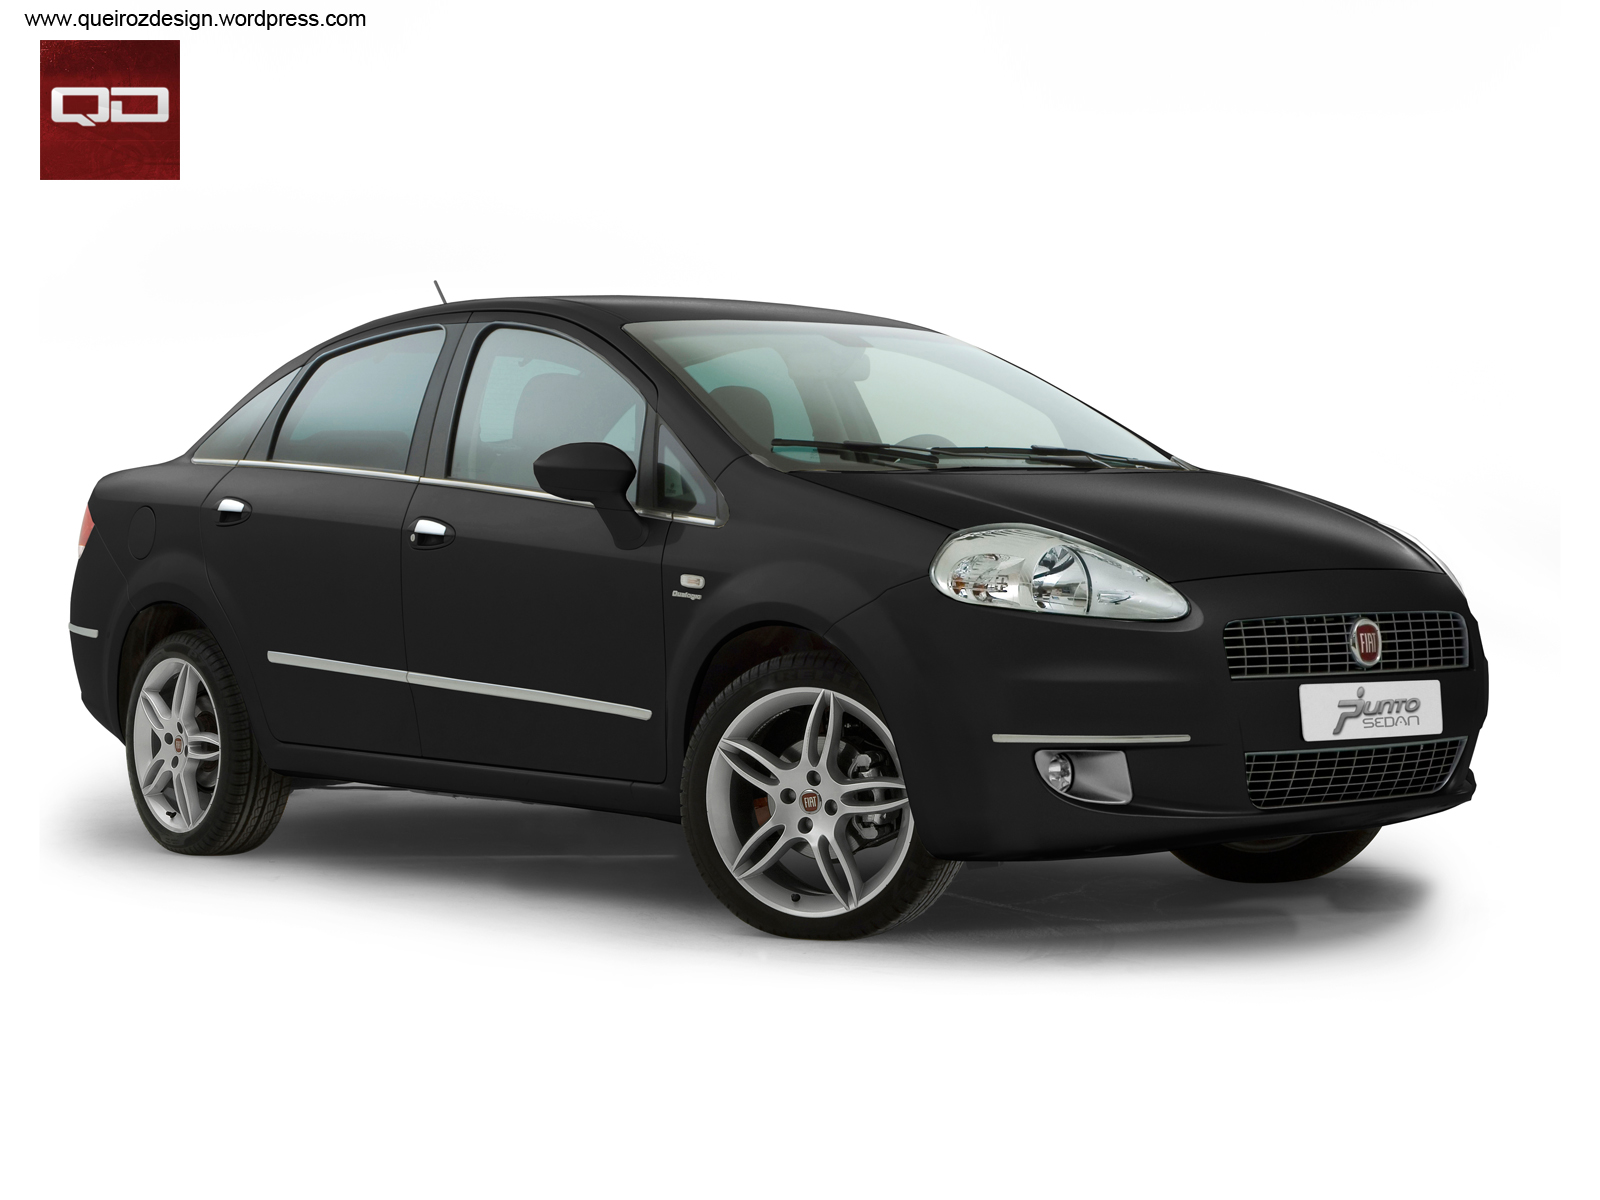 Fiat Punto Sedan - Clique na Imagem para Ampliar